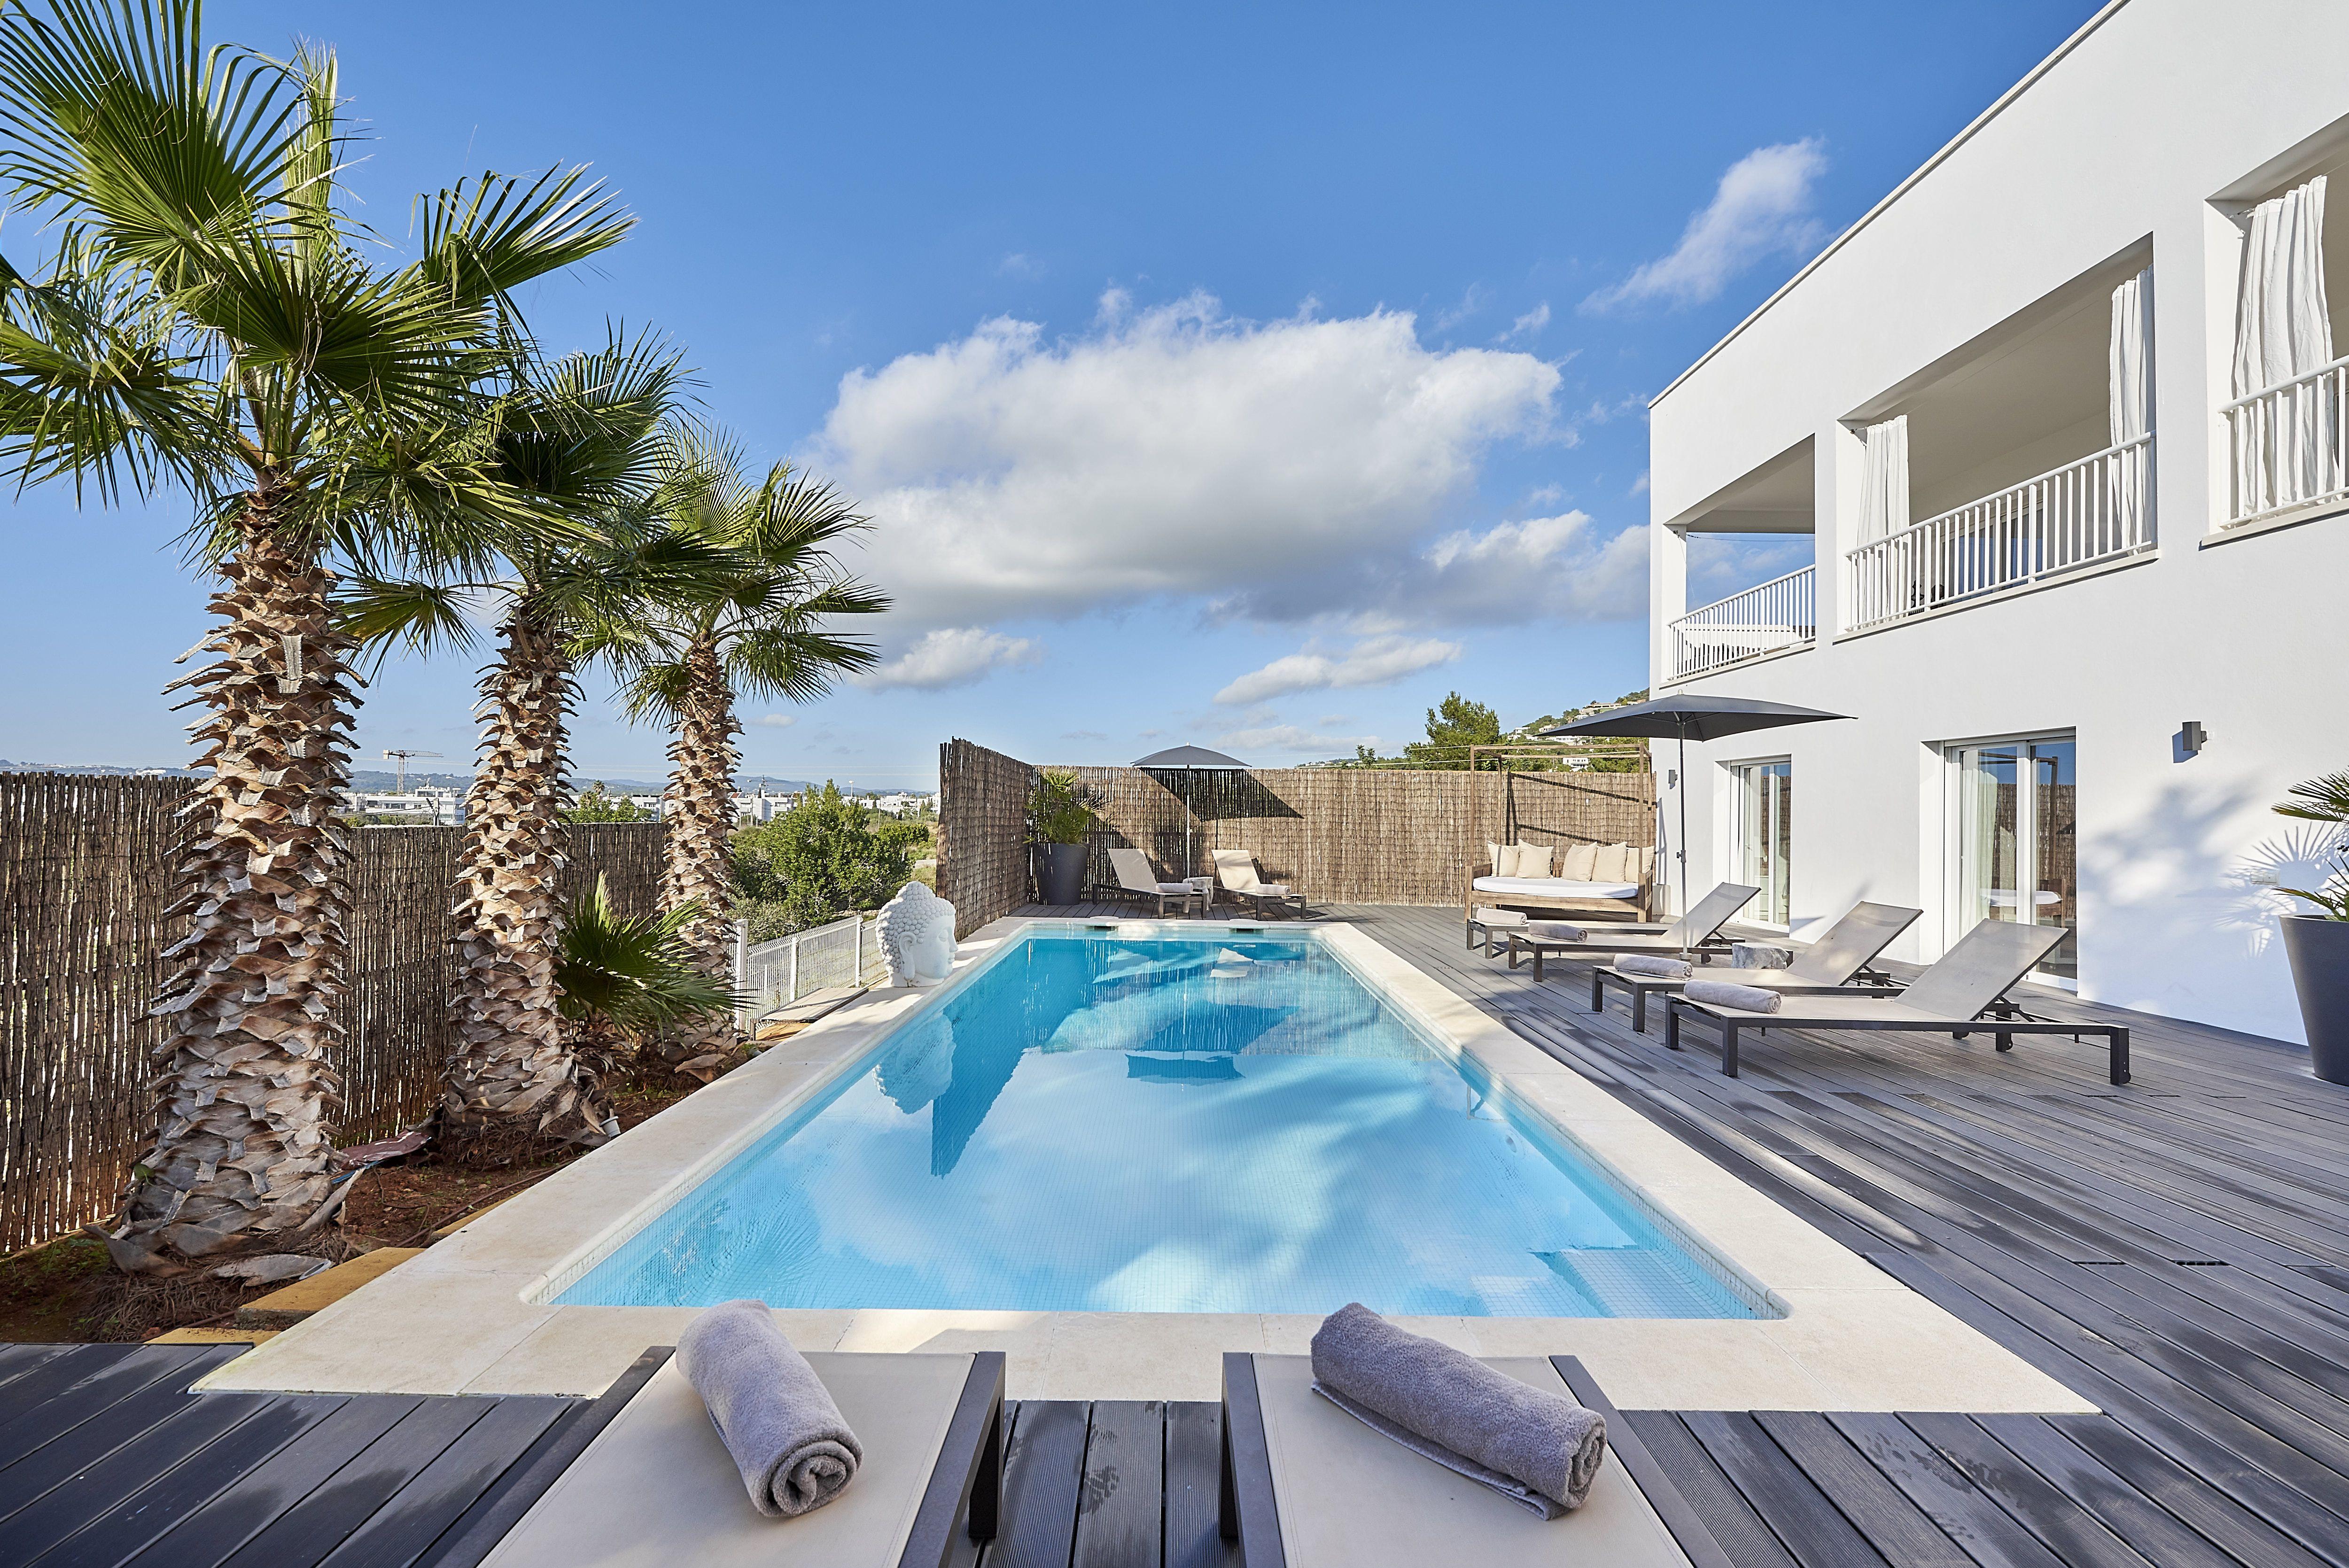 Villa Talamanca Omheinde Tuin Zwembad Achtertuin Villa